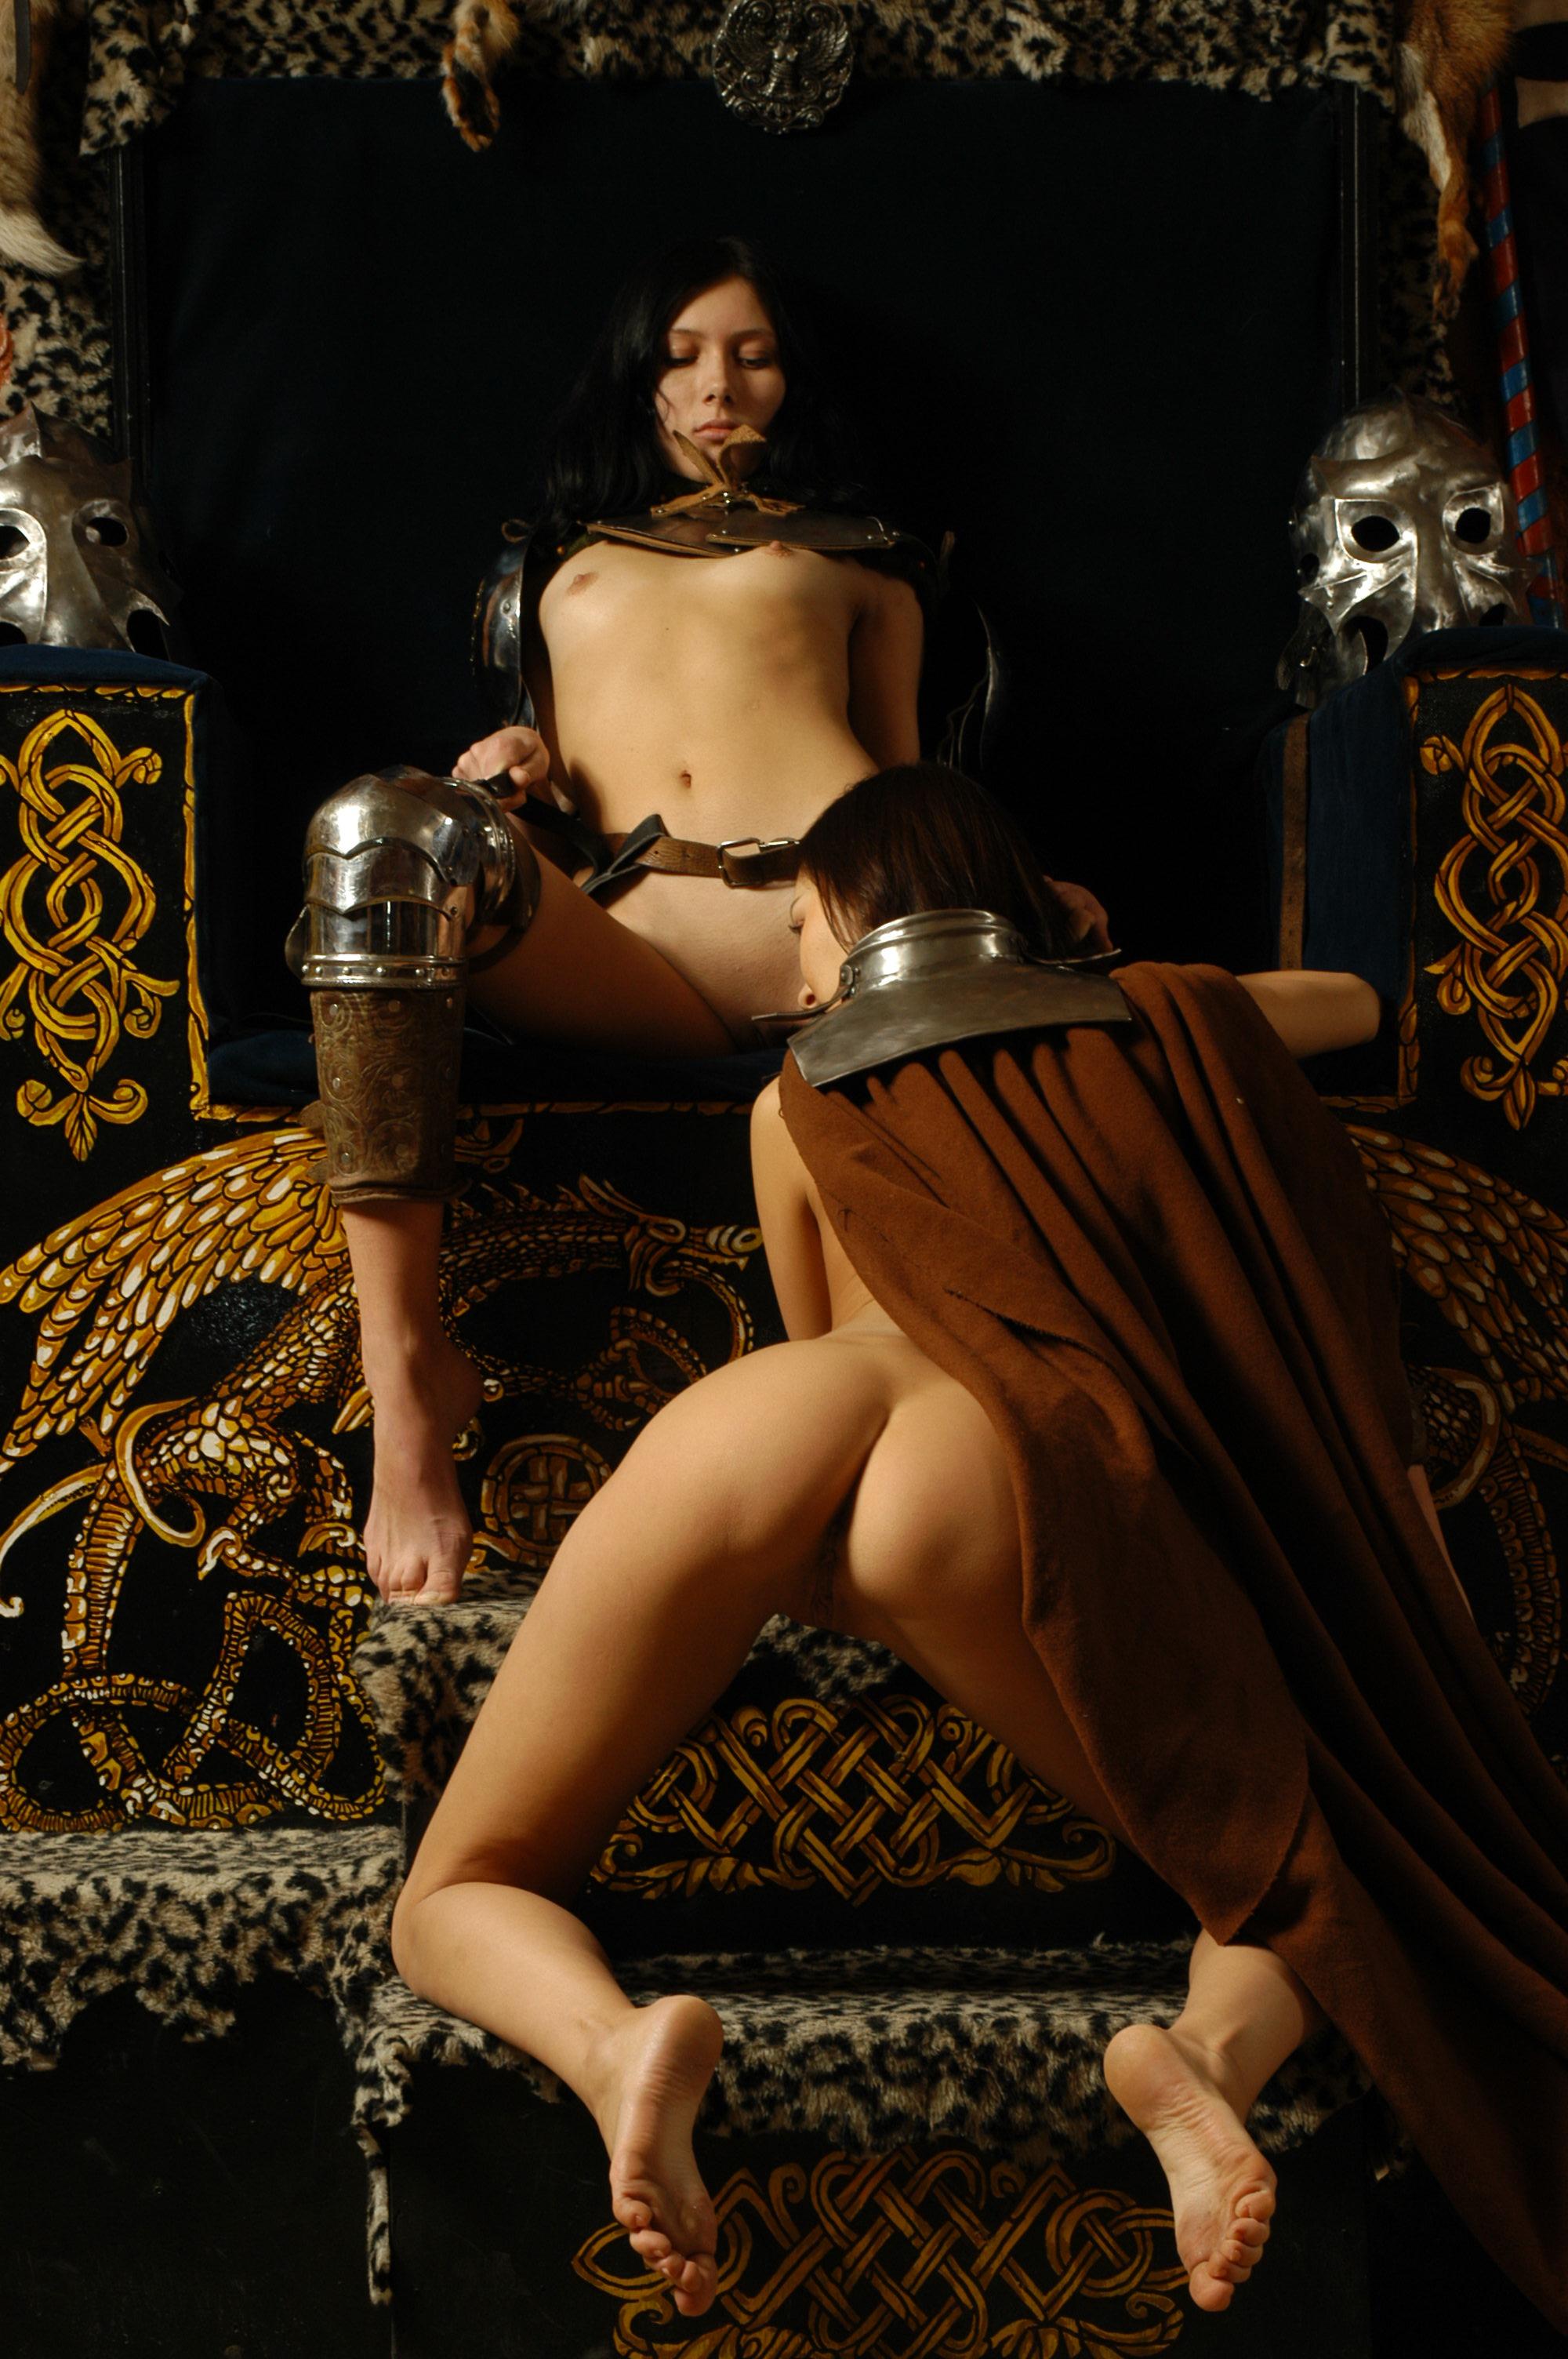 Средневековая эротика смотреть бесплатно 12 фотография